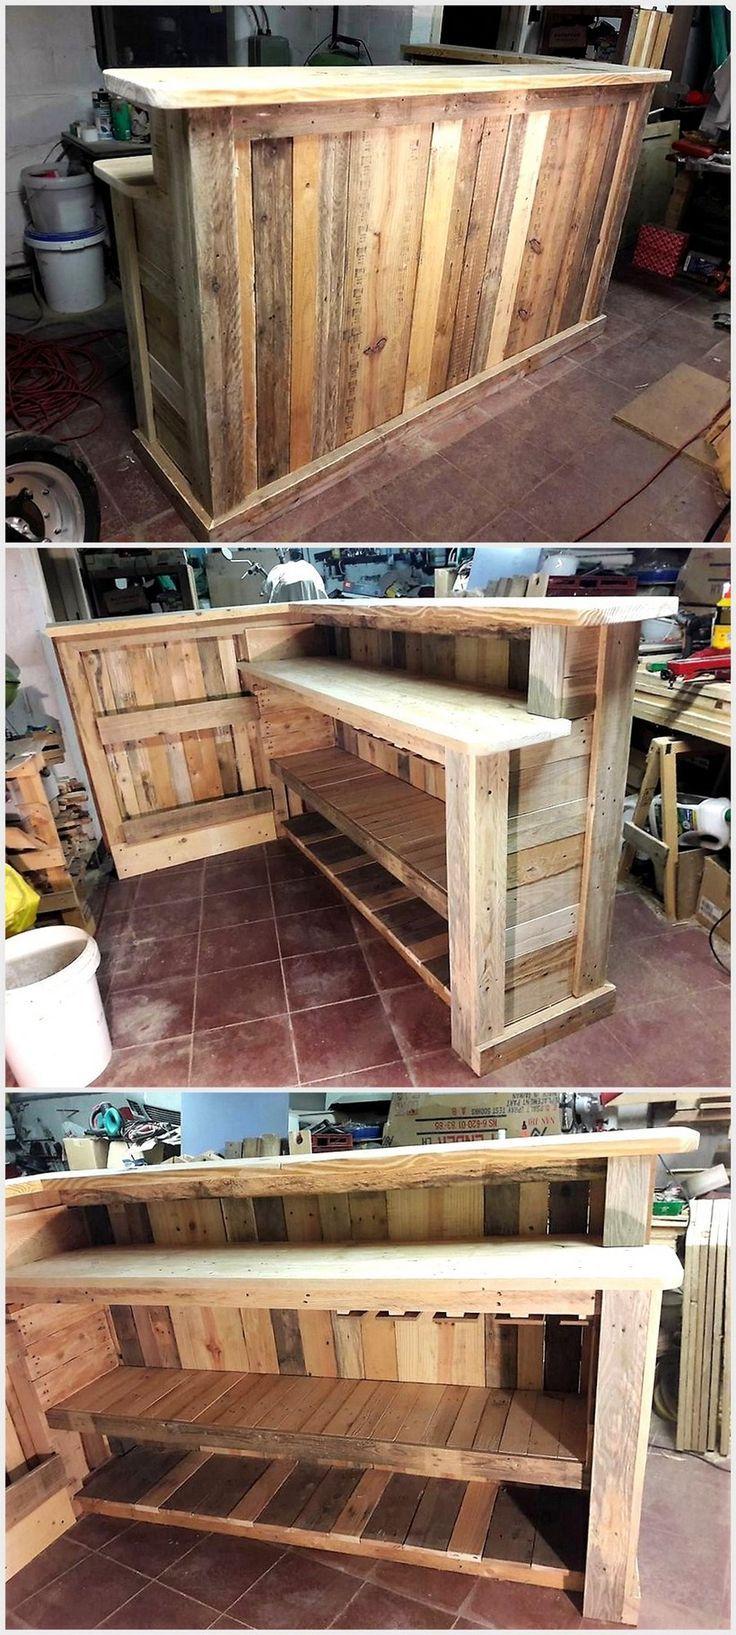 pallet-wooden-bar ähnliche tolle Projekte und Ideen wie im Bild vorgestellt findest du auch in unserem Magazin . Wir freuen uns auf deinen Besuch. Liebe Grüße